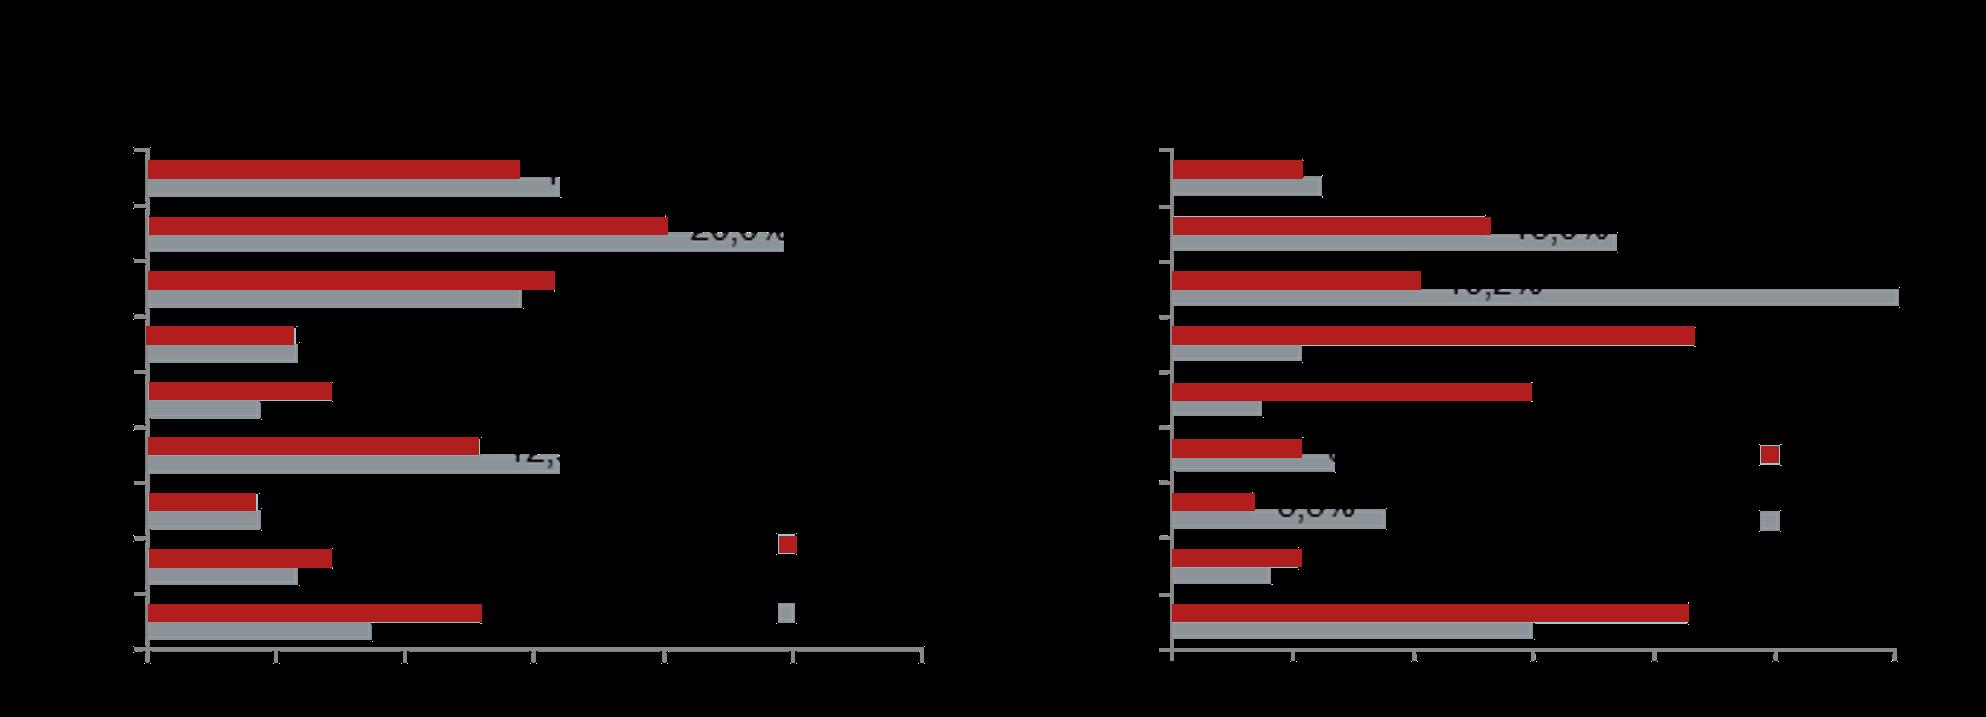 Структура предложения по округам г. Москвы (количество лотов и проектов)